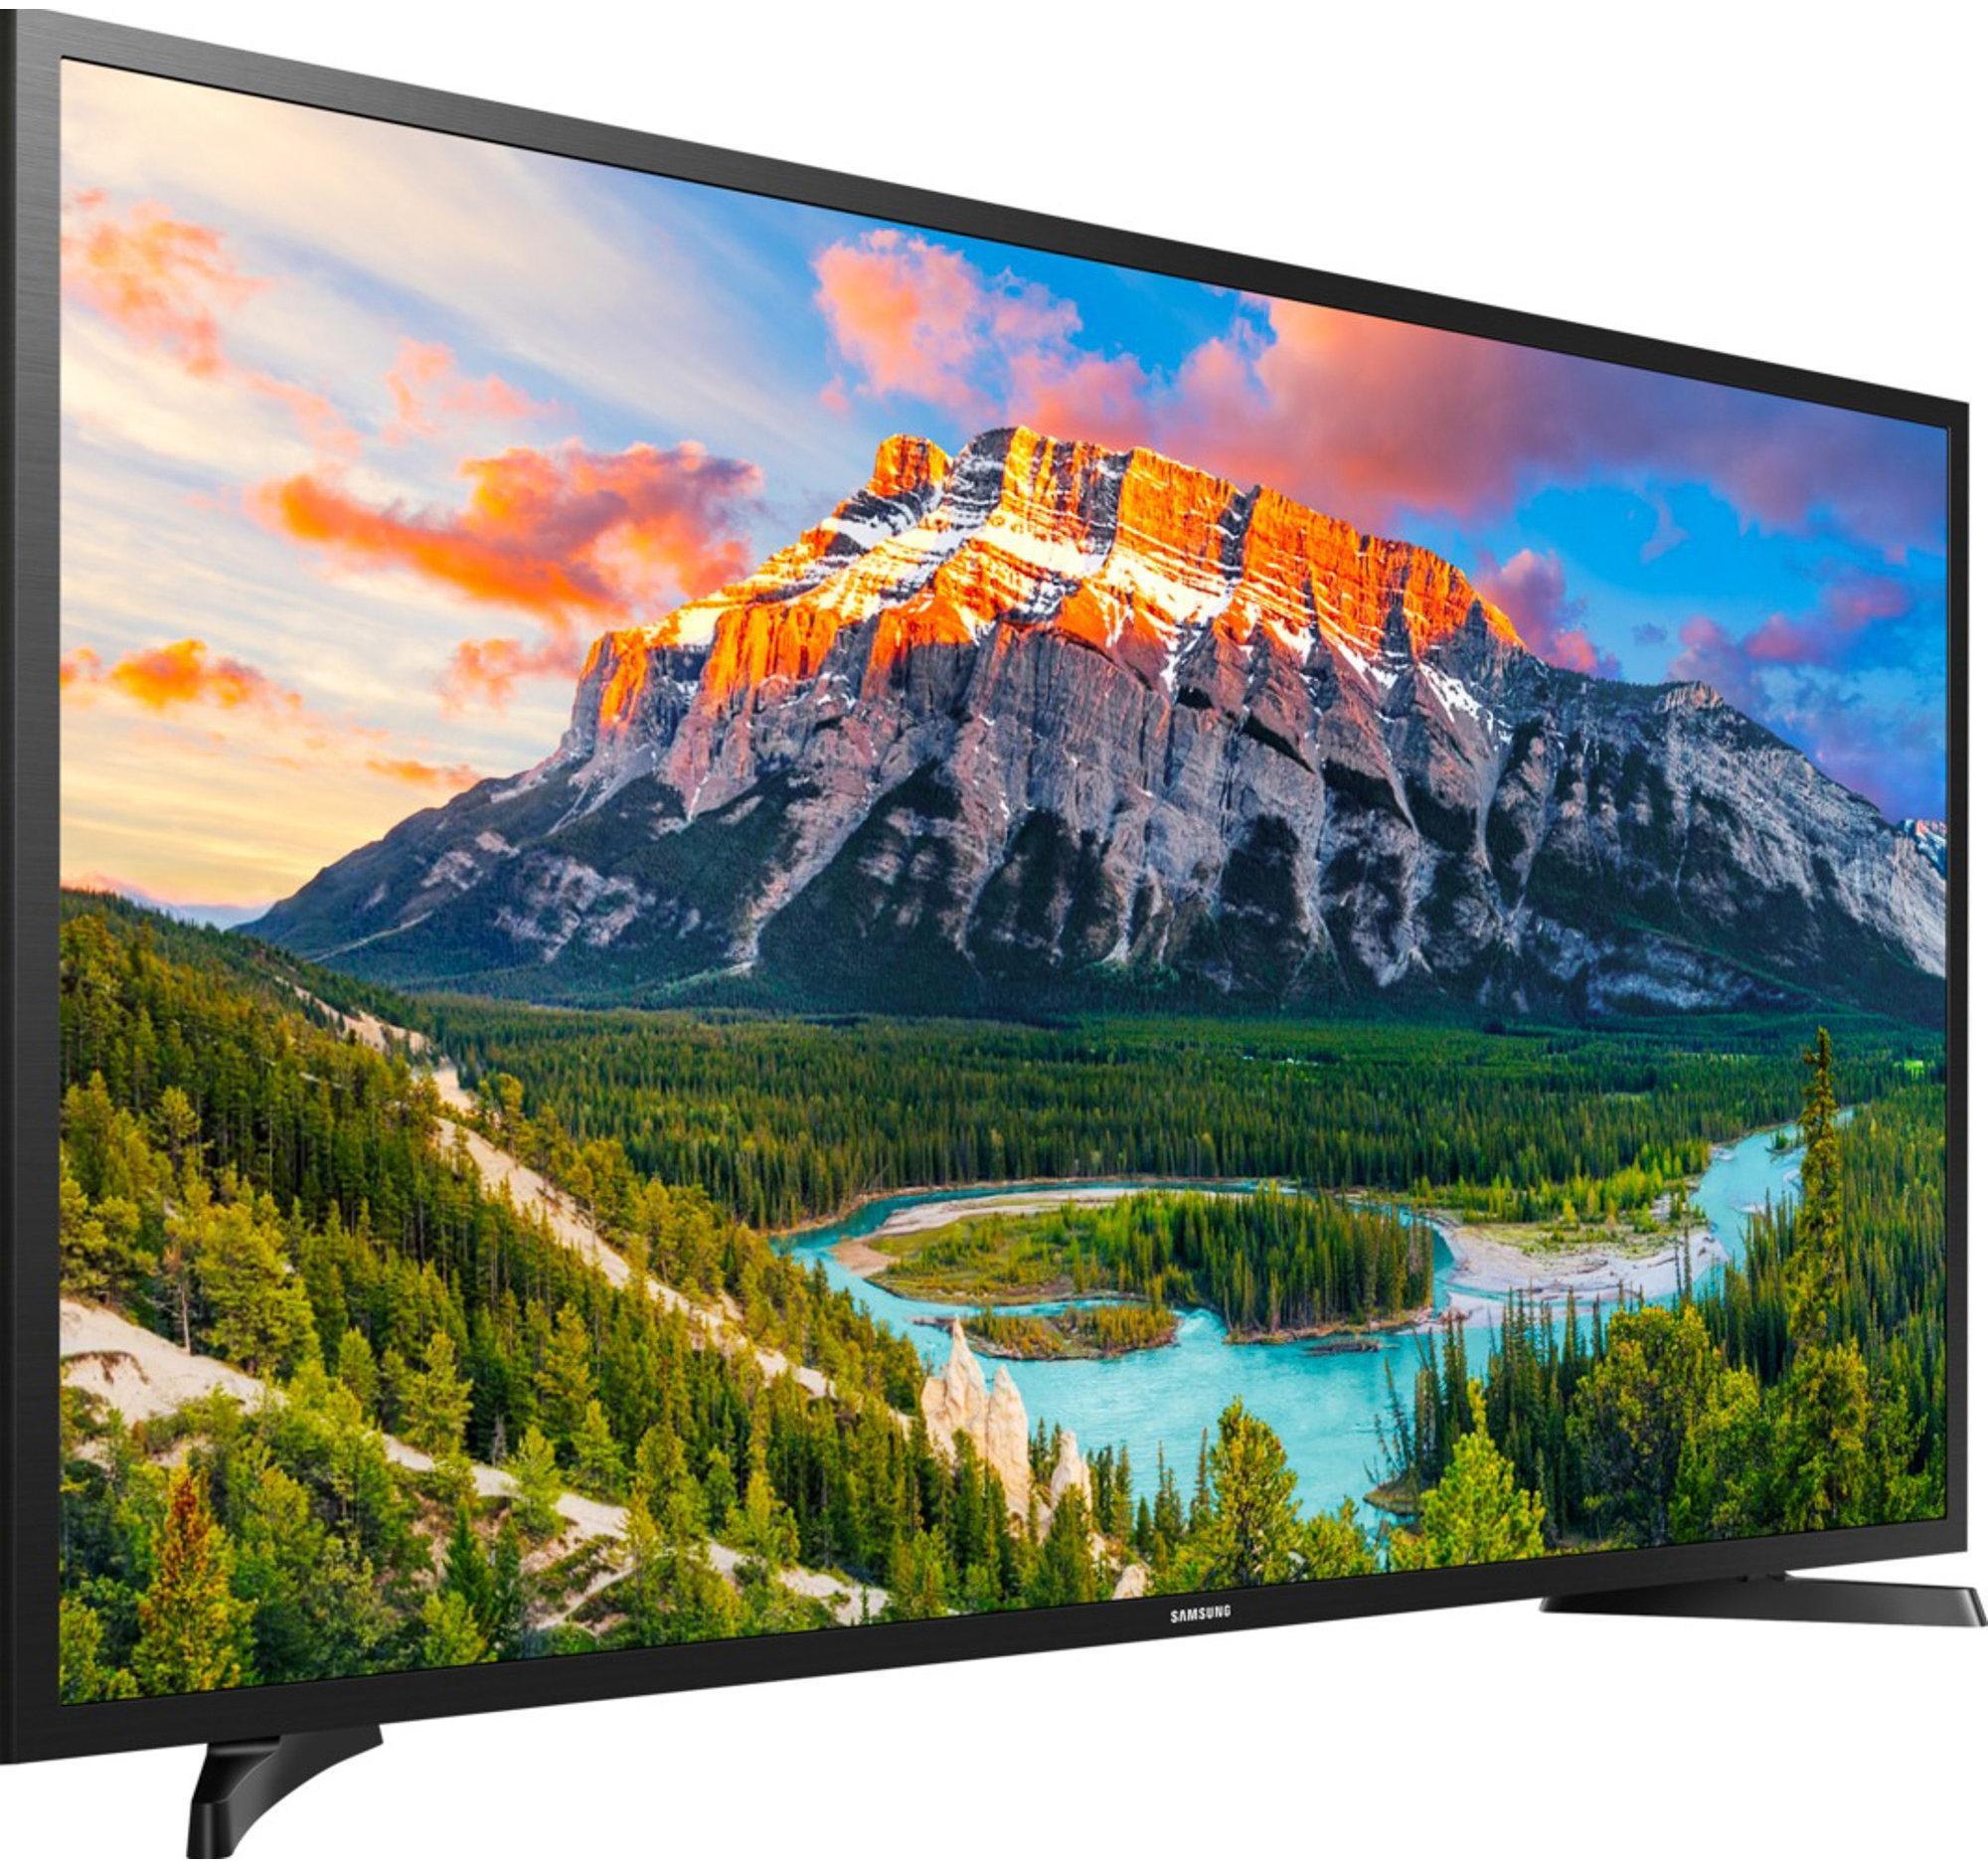 Samsung «UE32N5300AU 31.5